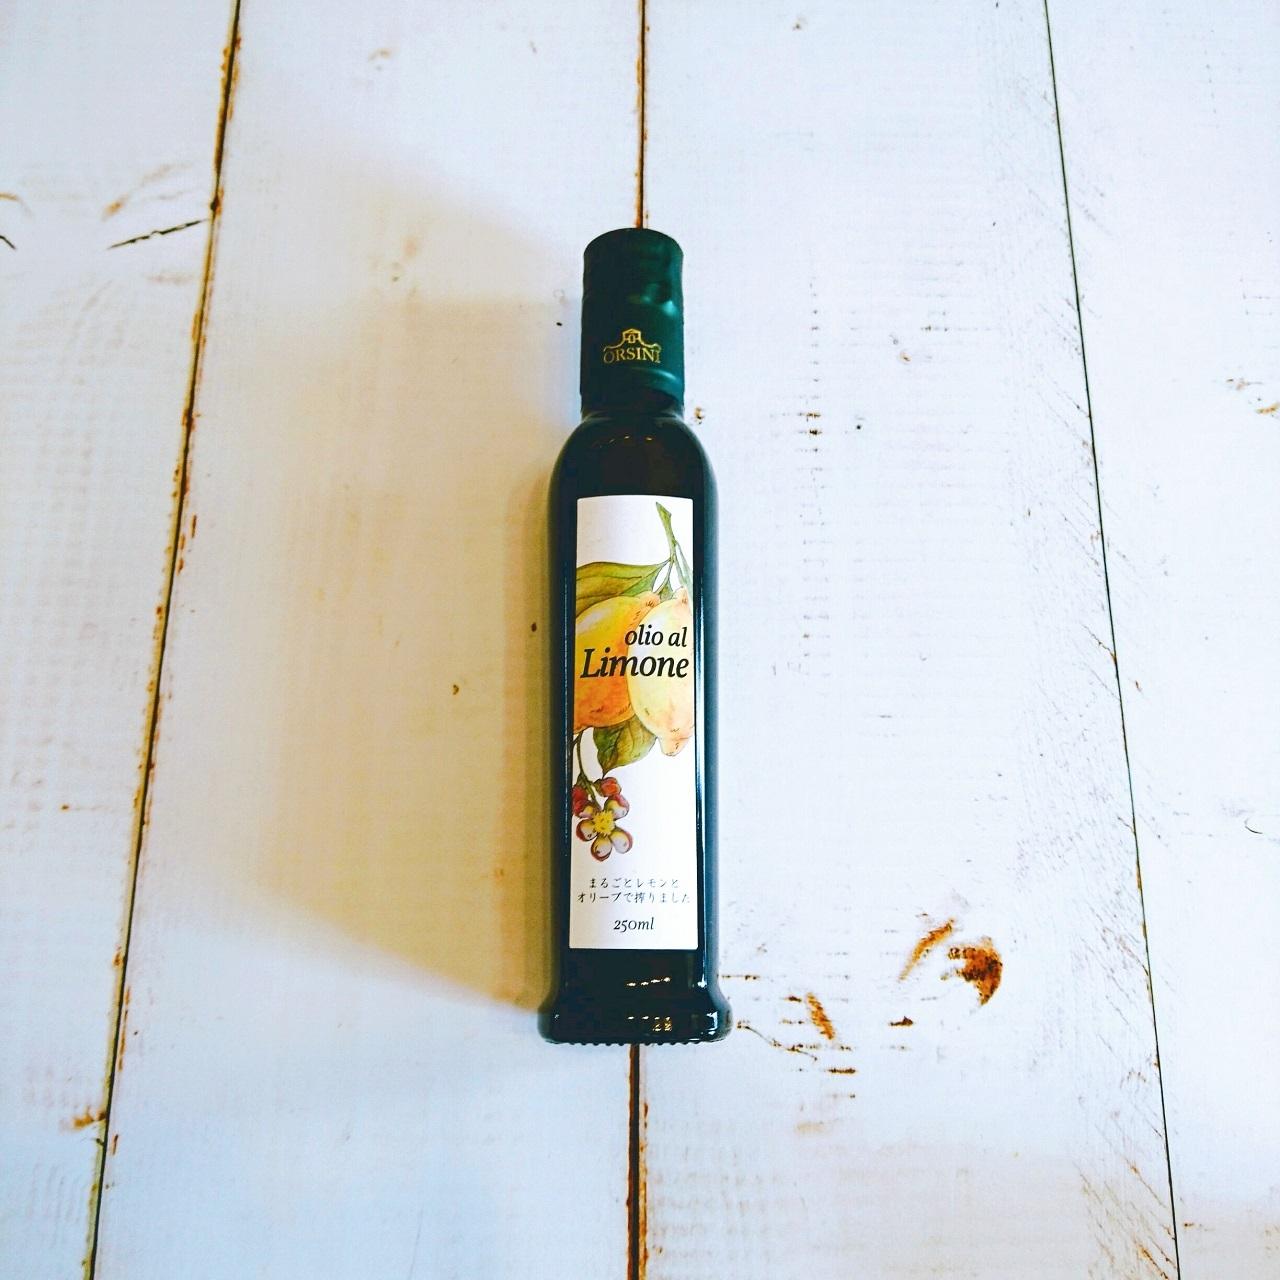 【'19-20】250mlレモンフレーバーオリーブオイル -まるごとレモンと絞ったフレーバーオリーブオイル 大-